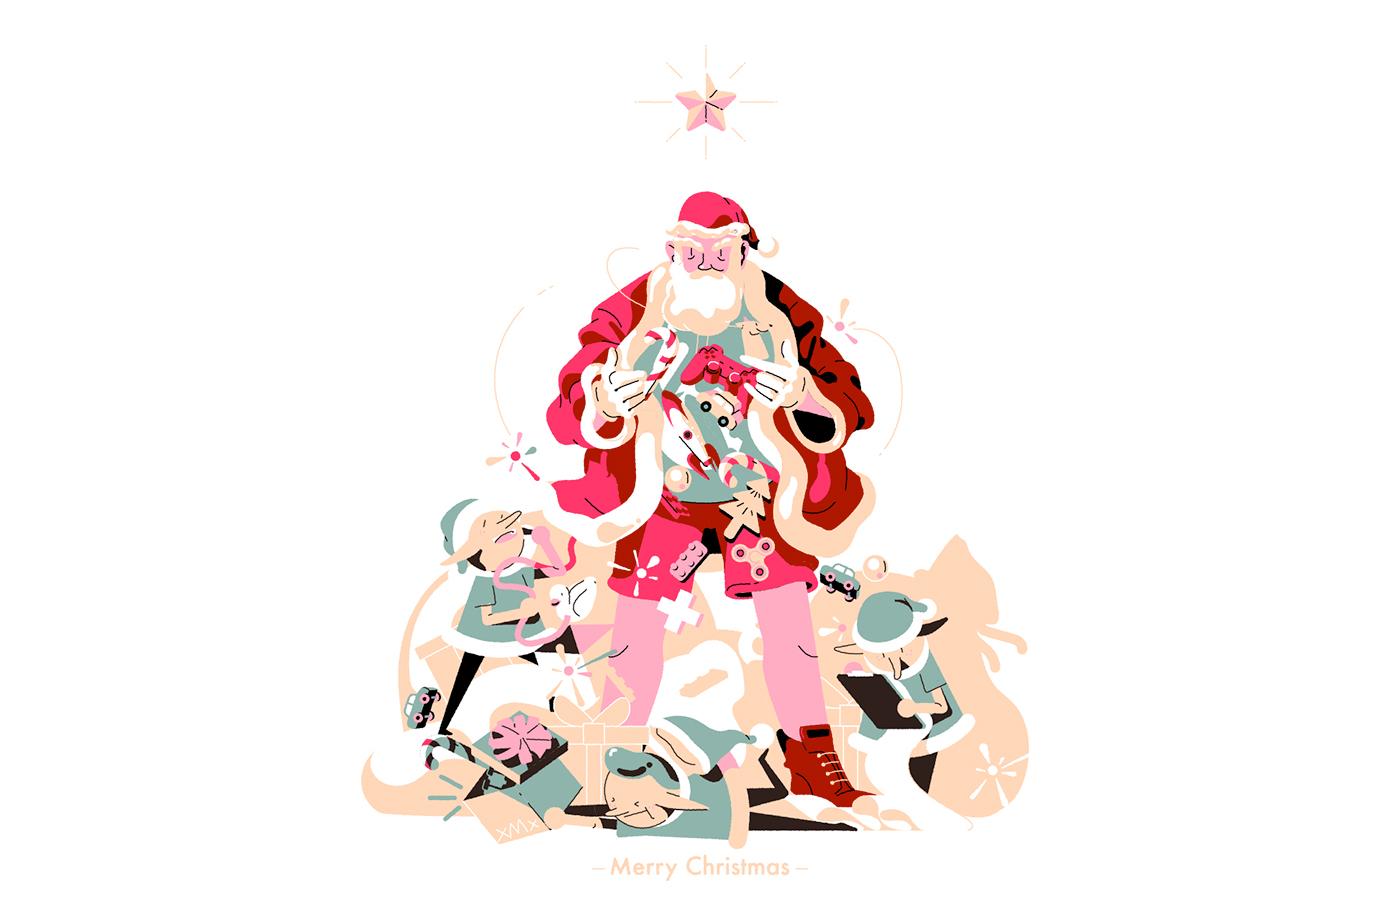 高品質的32張聖誕節圖片欣賞